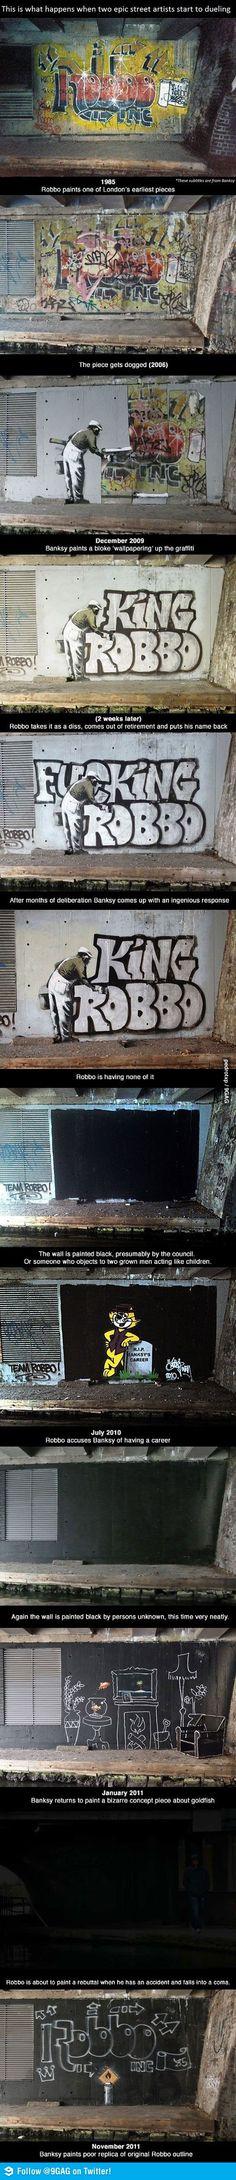 Banksy vs. Robbo, faith in humanity...